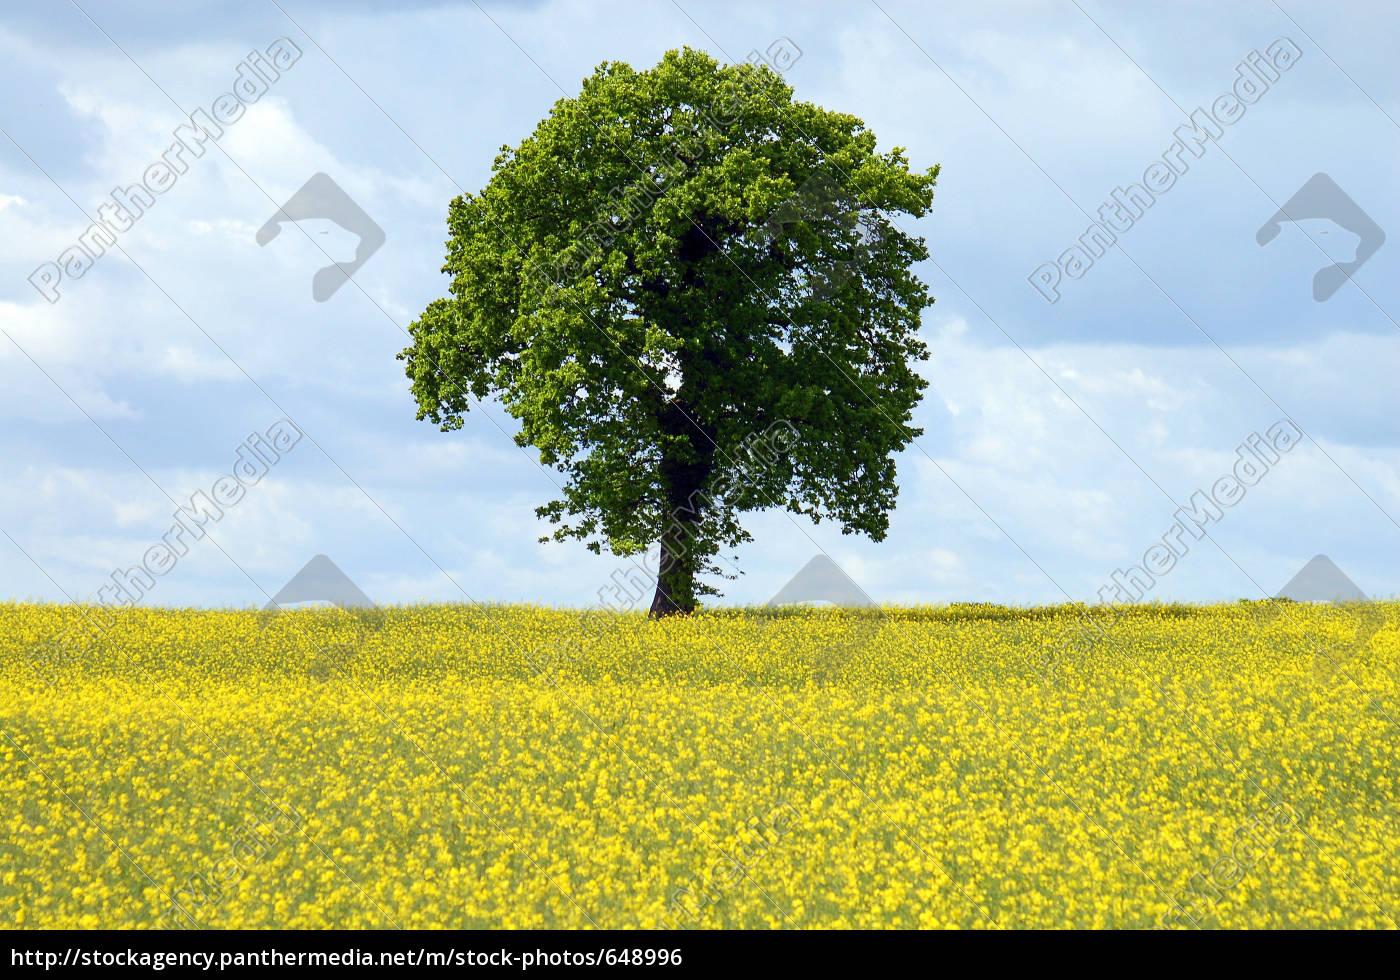 tree, in, oilseed, rape - 648996